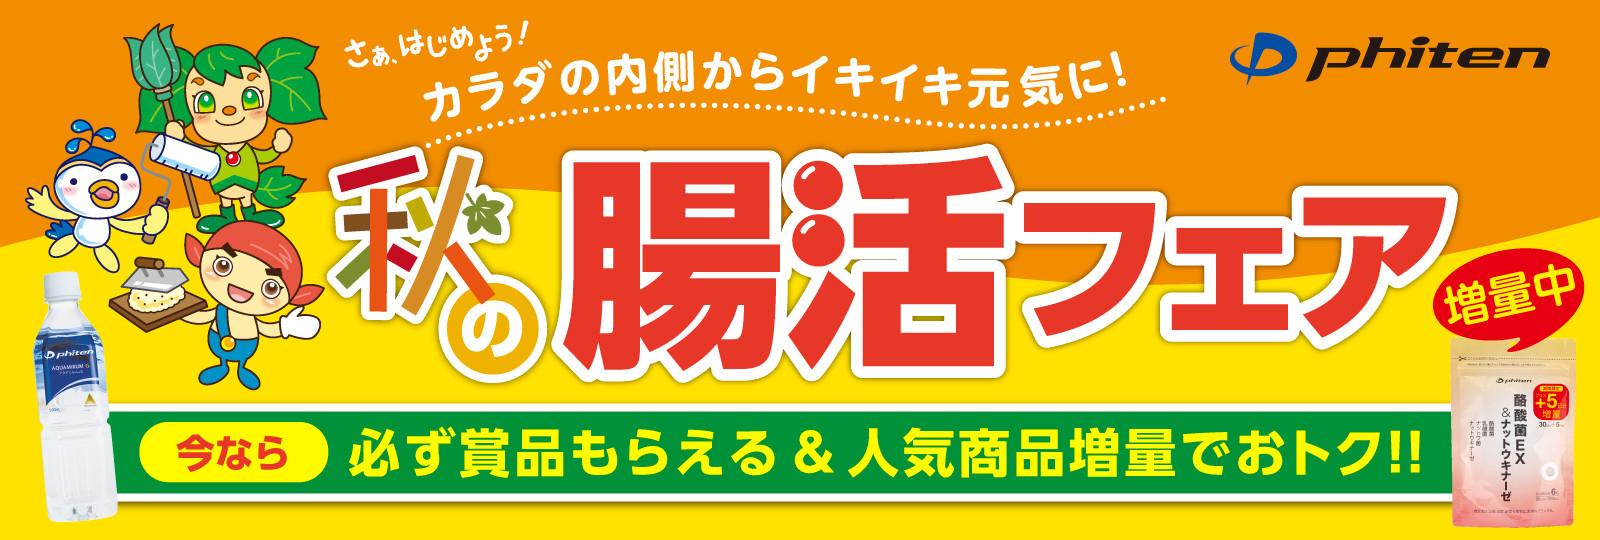 今だけ★おトクな増量プレゼント!秋の「腸活フェア」を開催!!